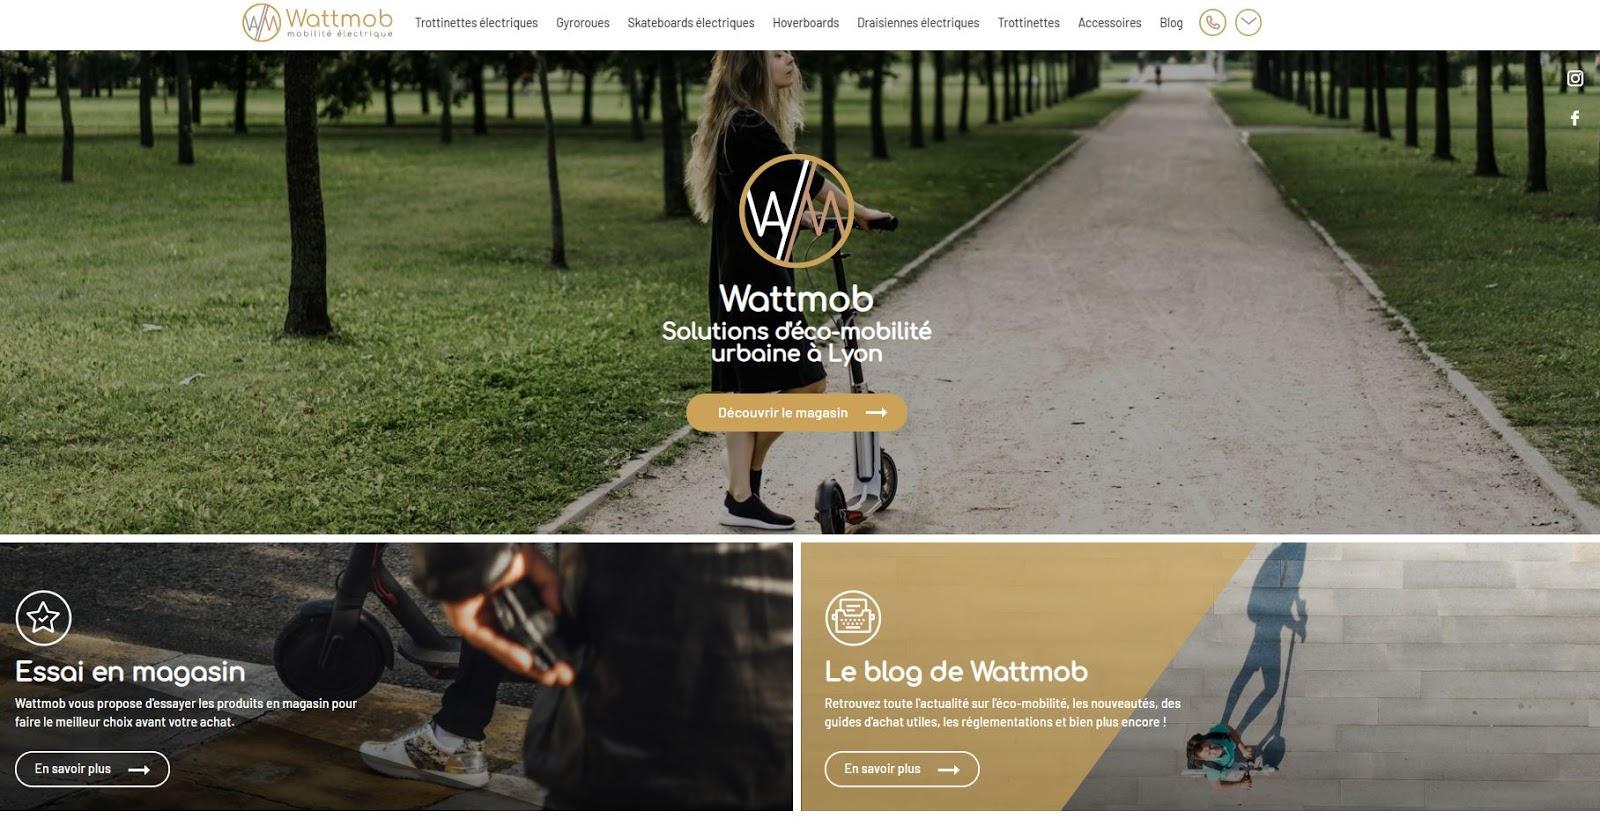 Wattmob Lyon trottinette électrique